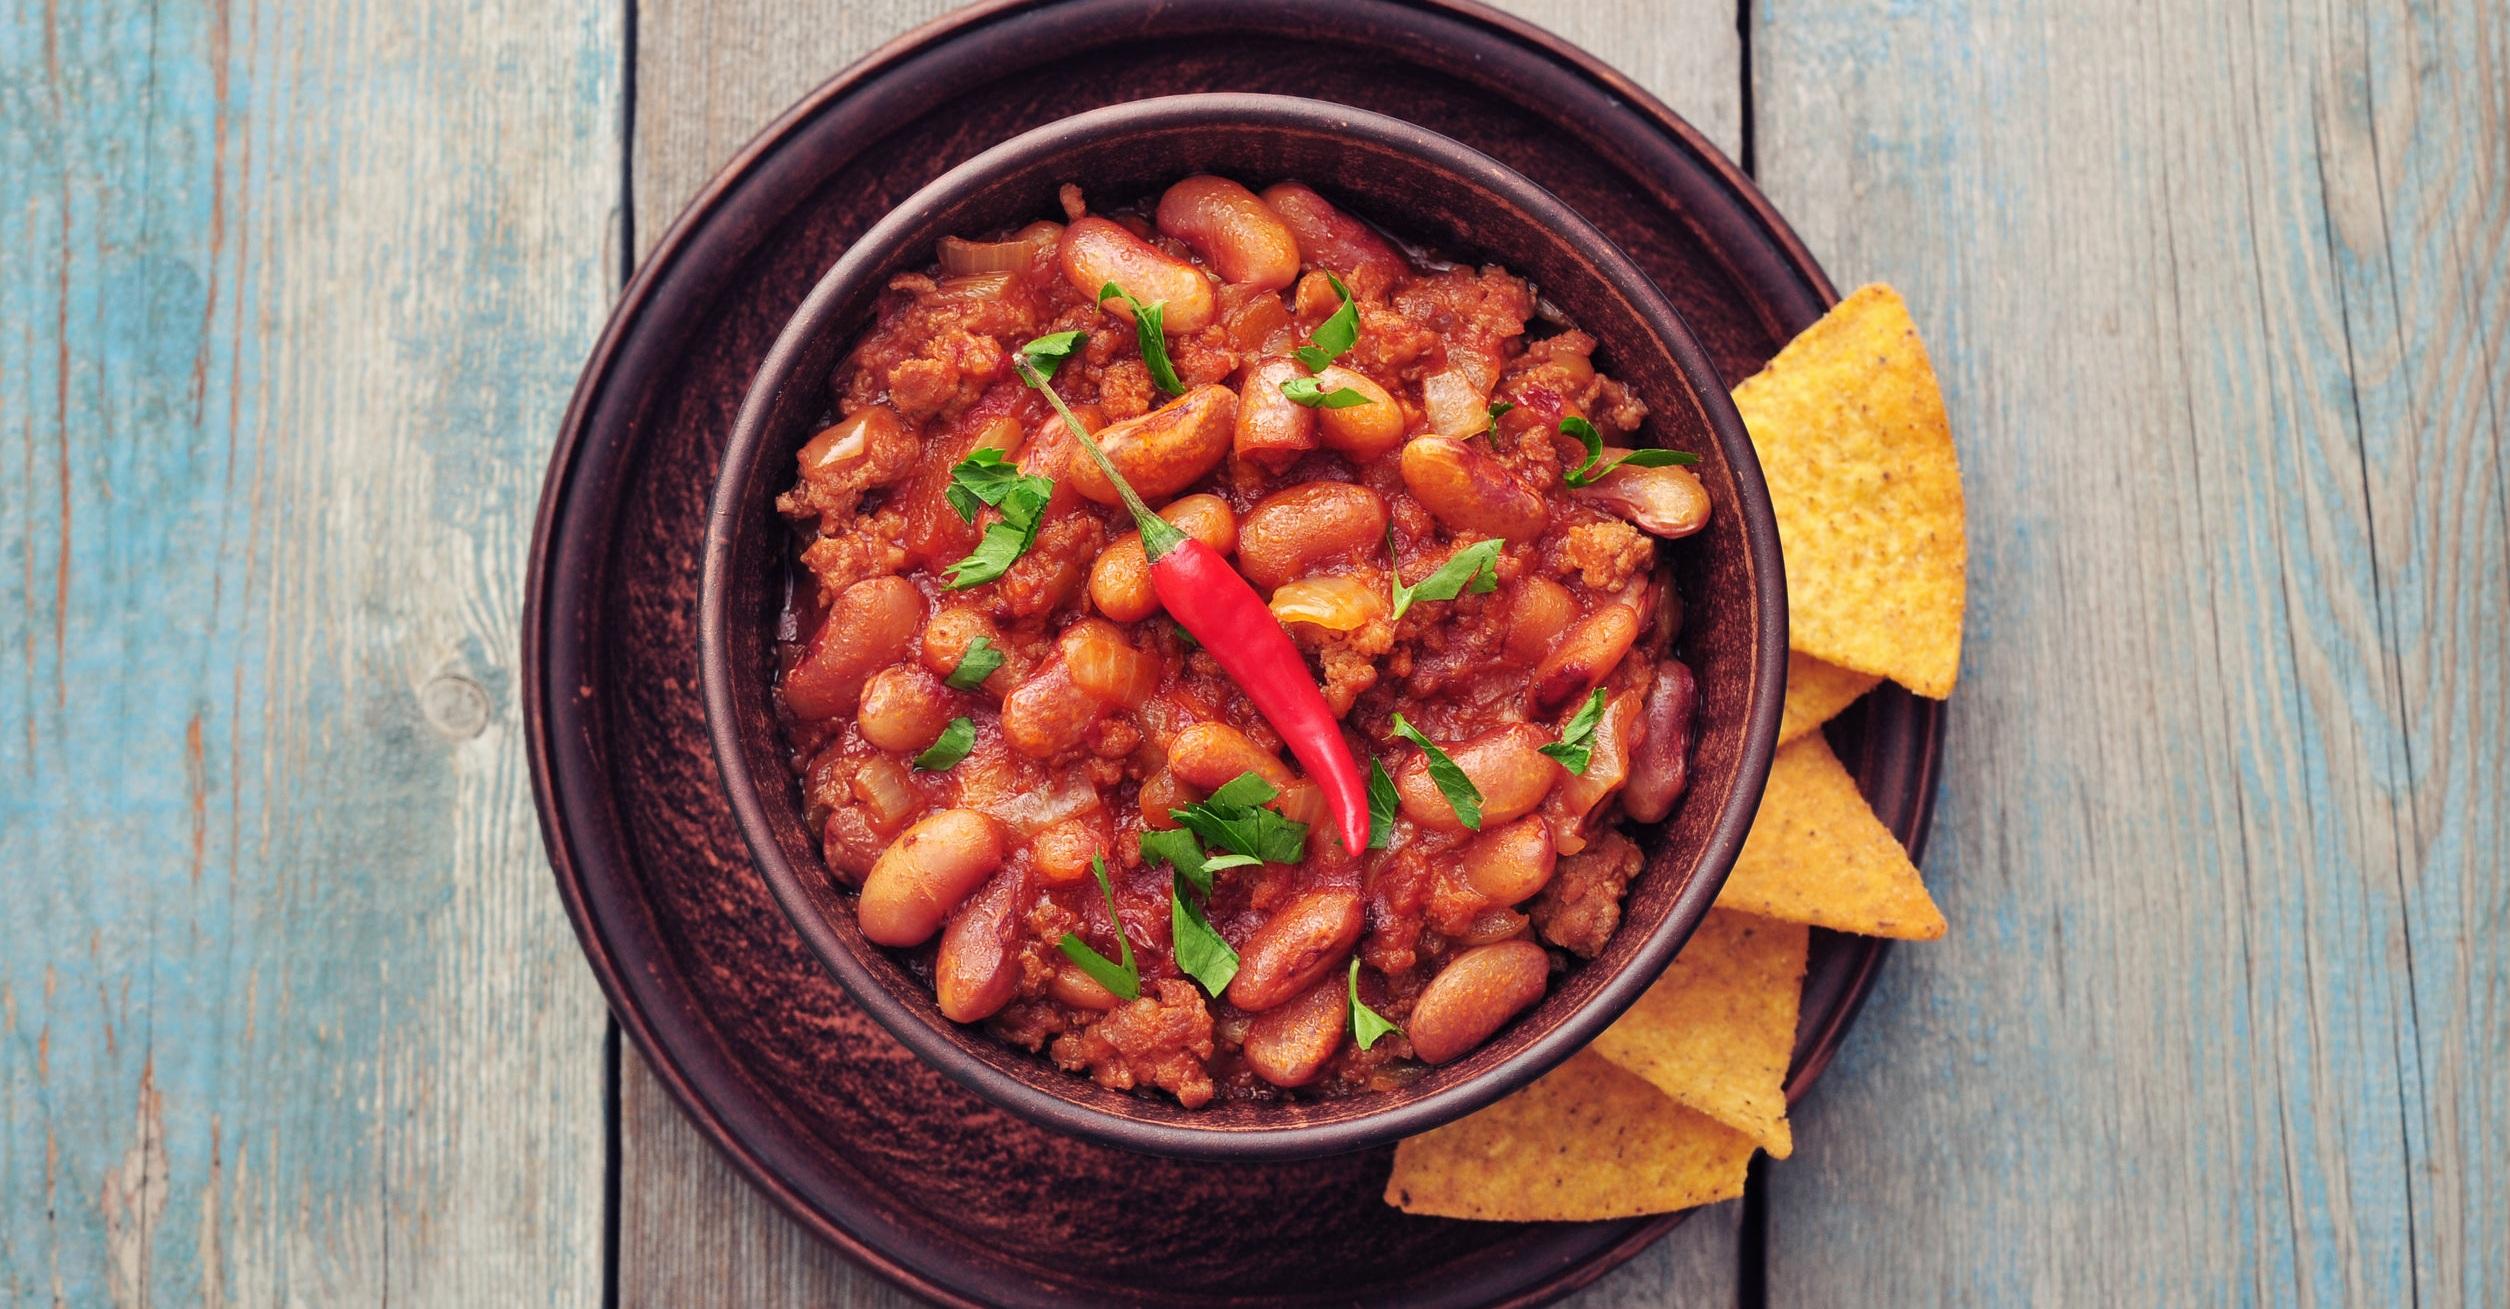 食事で胃腸を健康に! 体にうれしいスパイスを使った簡単レシピ2選一覧画像